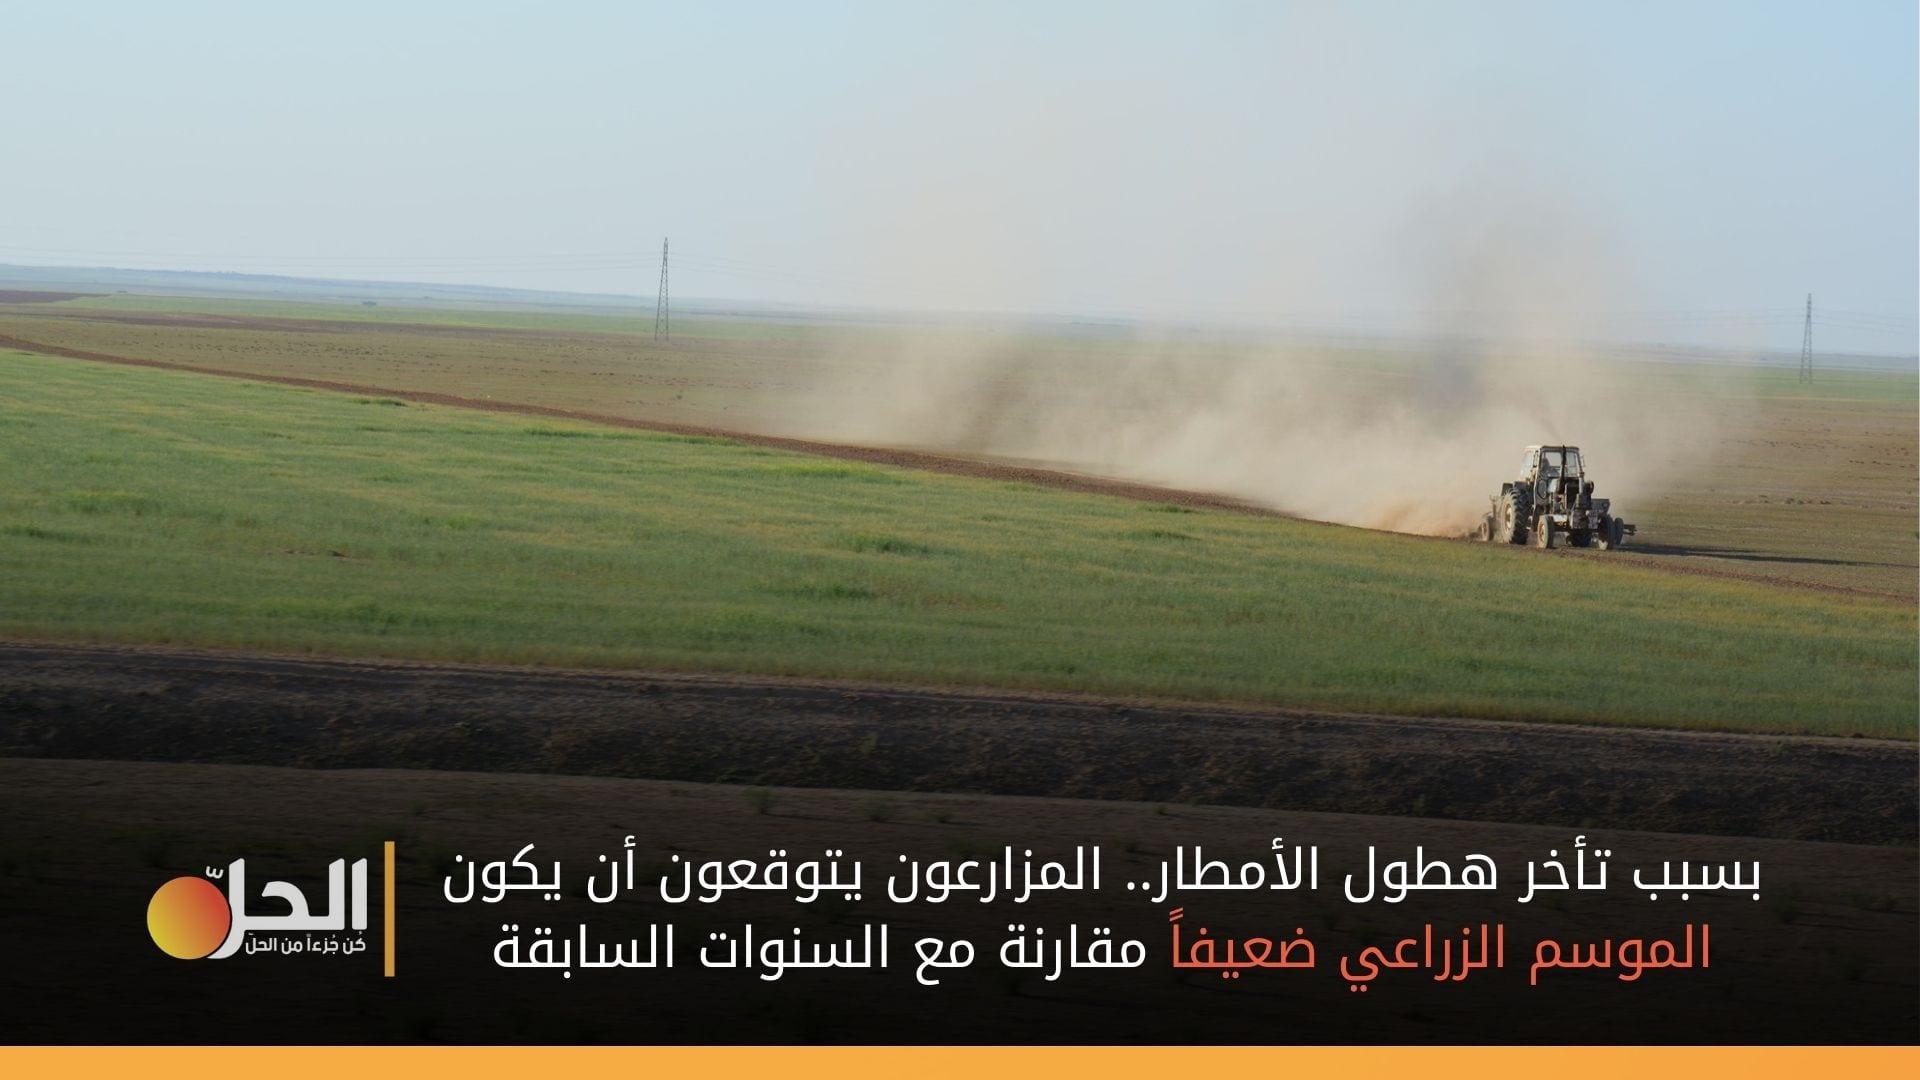 بعد أسابيع من القلق.. مزارعو الحسكة يتنفسون الصعداء وتوقعات بتأثر الموسم الزراعي نظراً لتأخر الأمطار